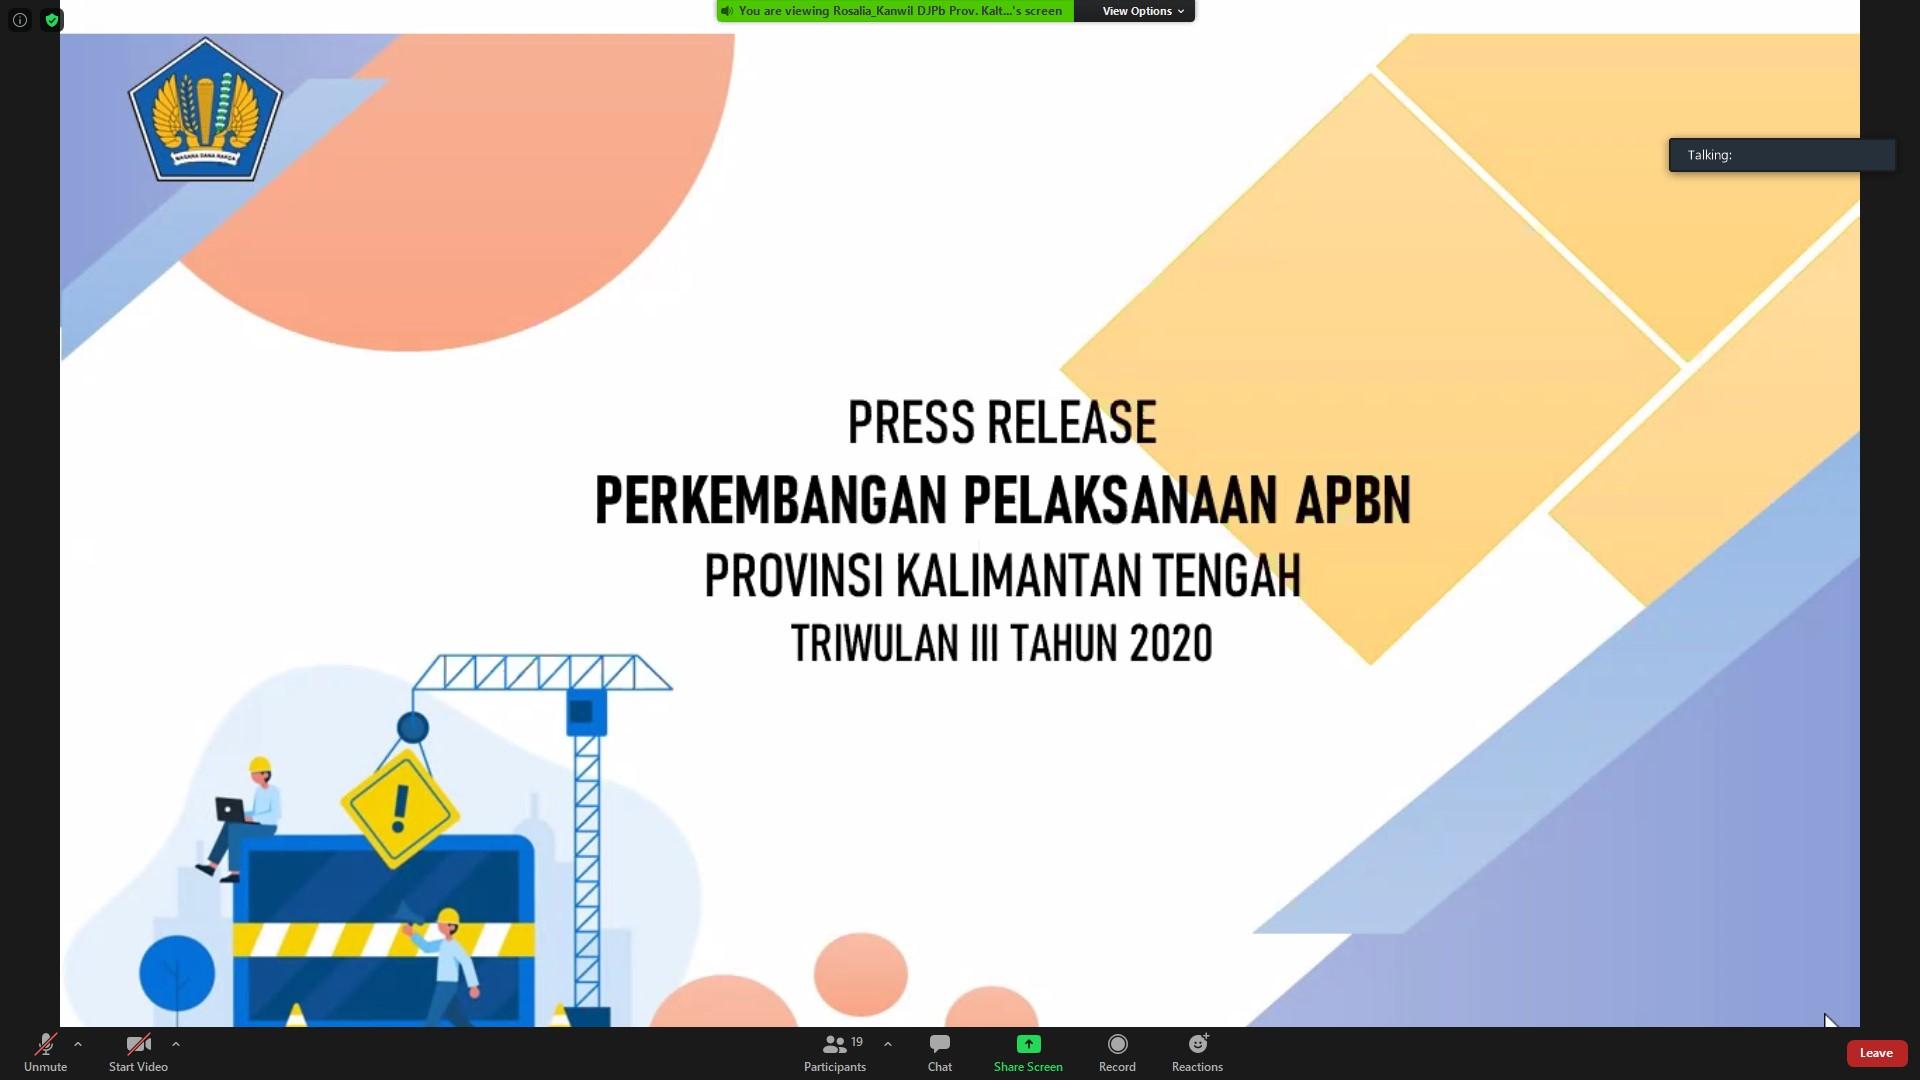 Press Release Perkembangan Pelaksanaan APBN Provinsi Kalimantan Tengah Triwulan III Tahun 2020